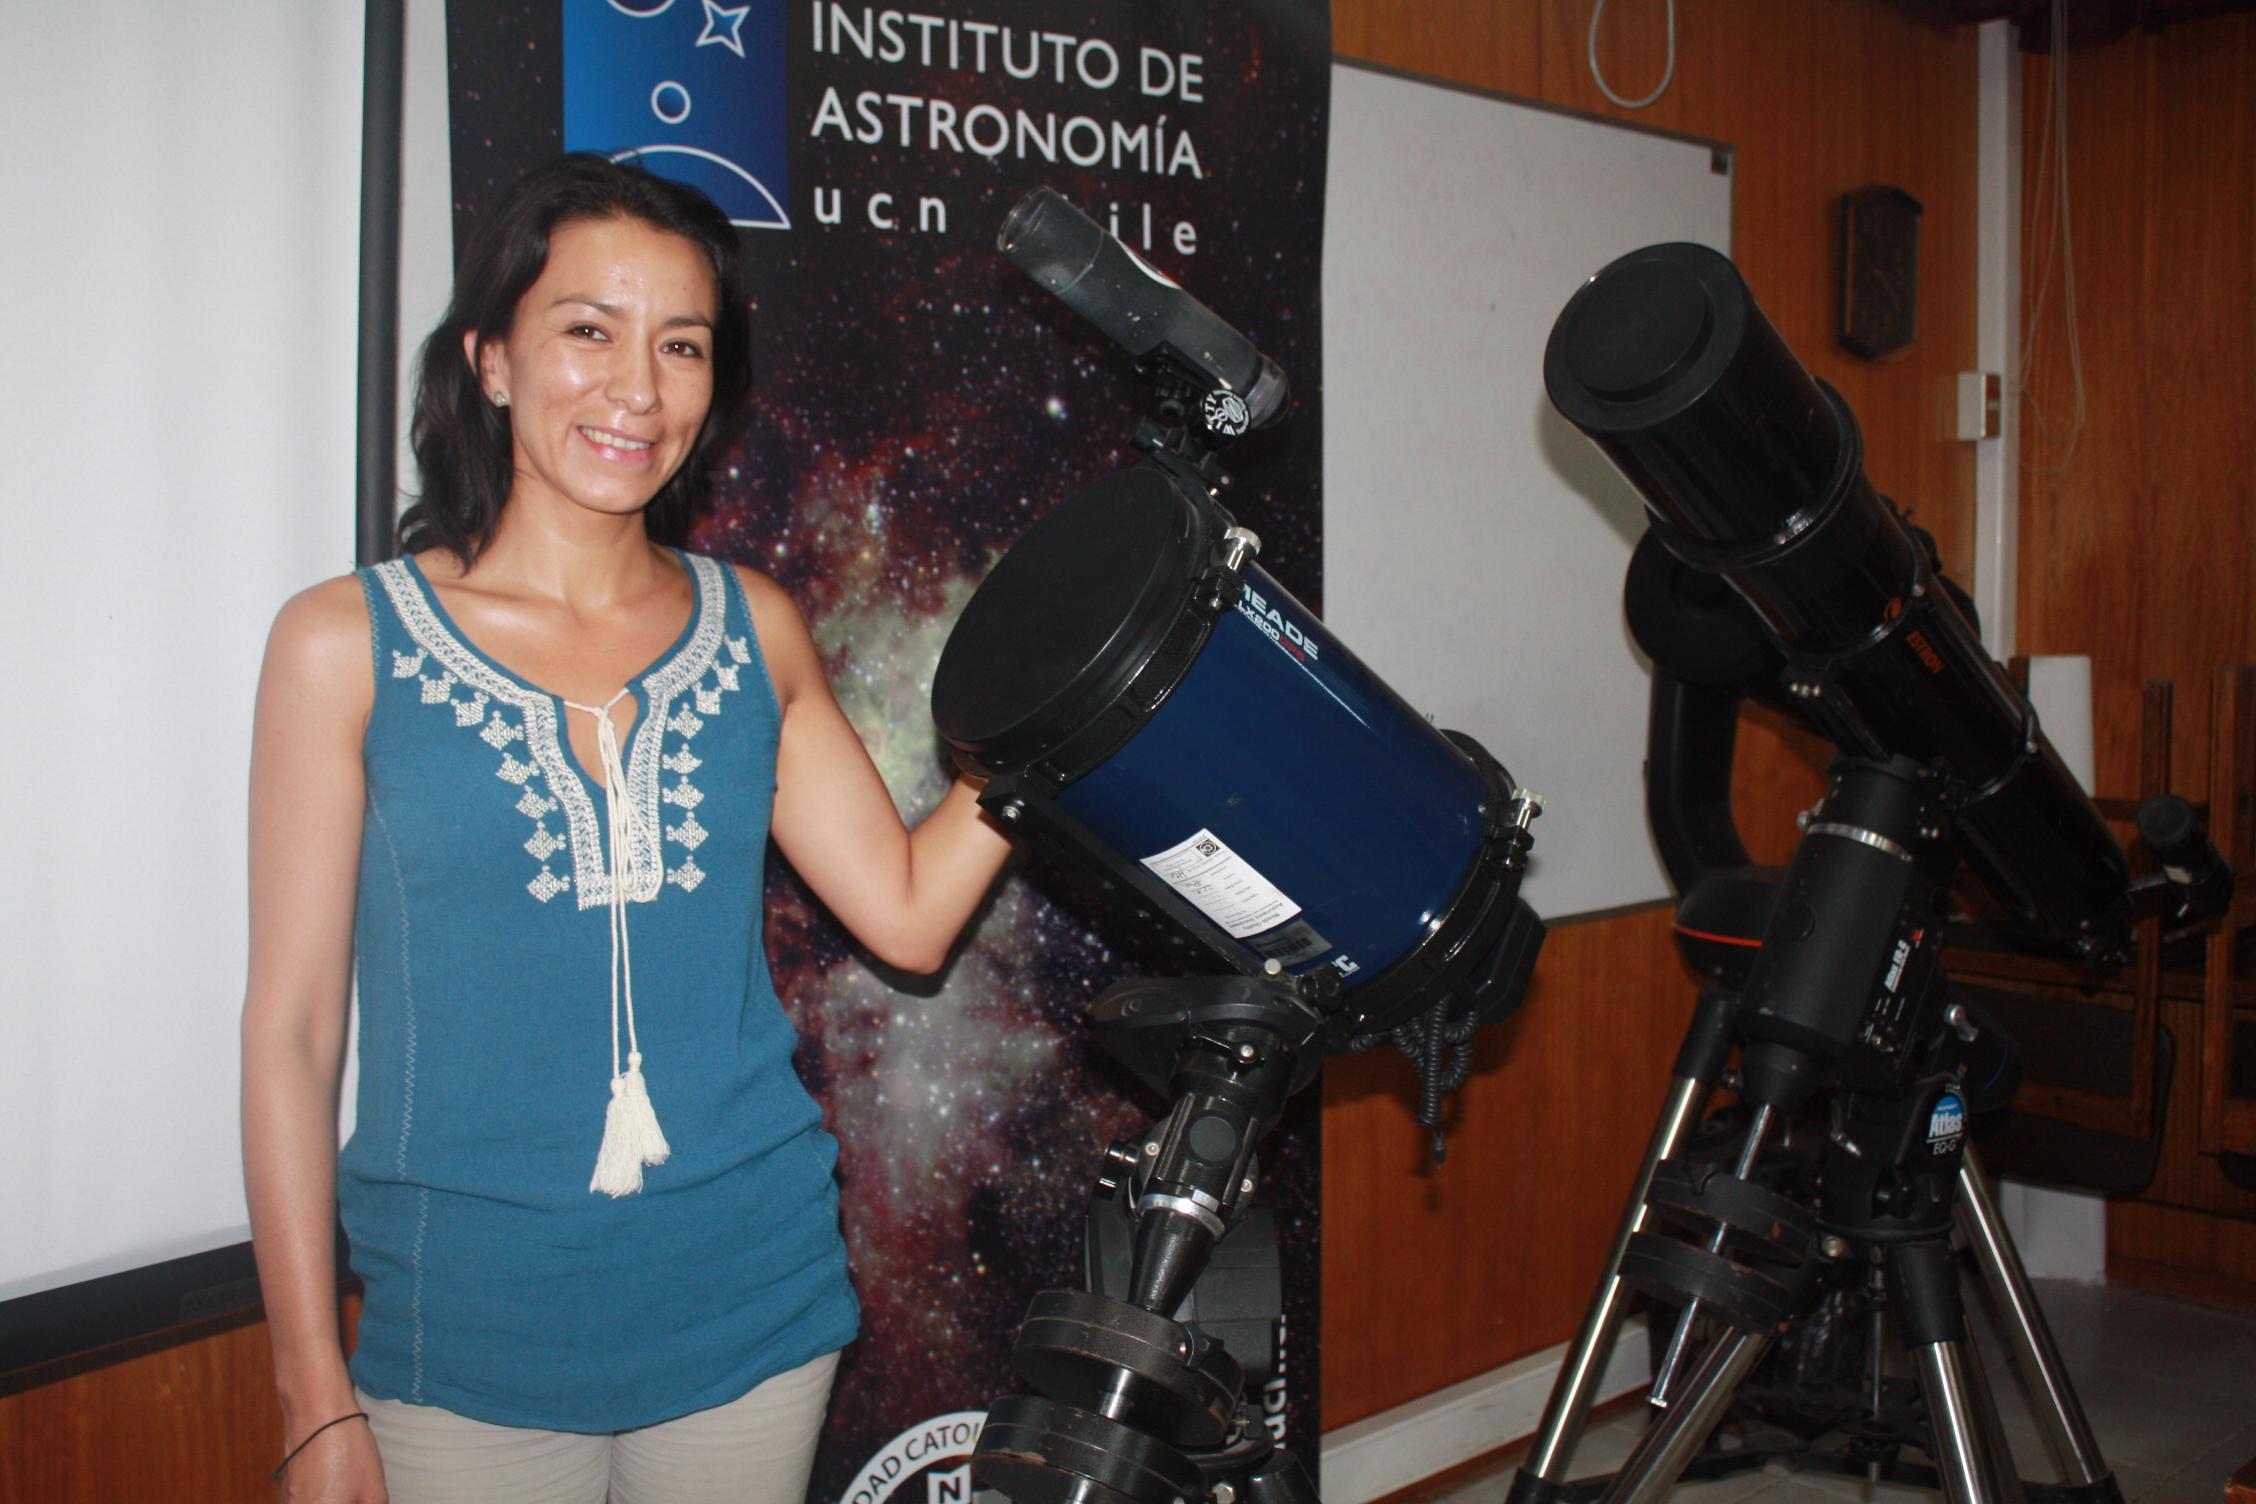 Astrónoma asume como secretaria regional ministerial de Ciencia, Tecnología, Conocimiento e Innovación